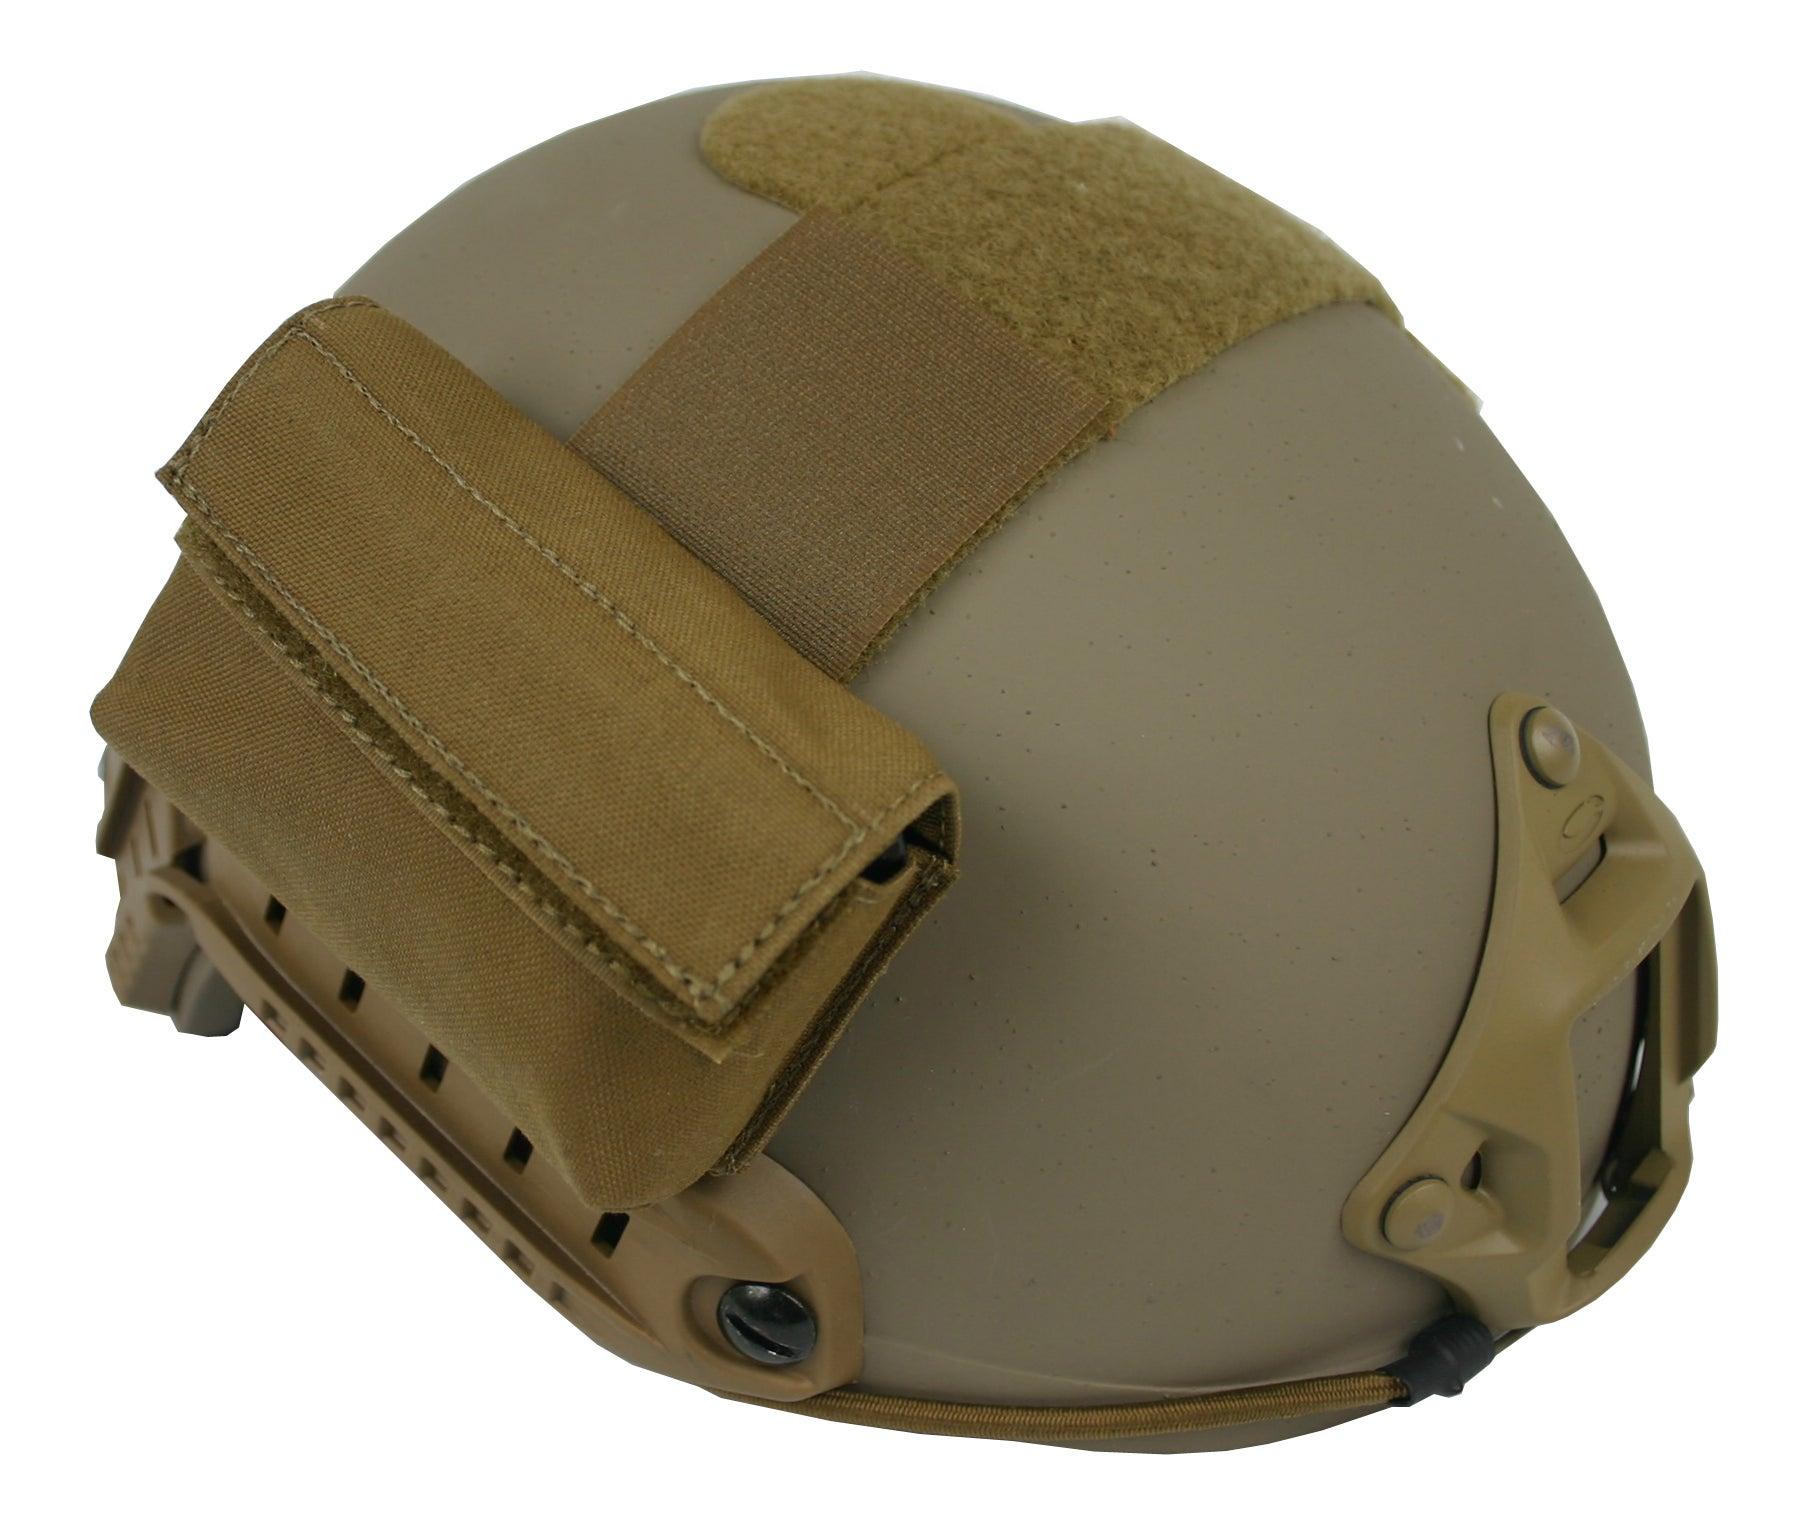 Battery for helmet (velcro)